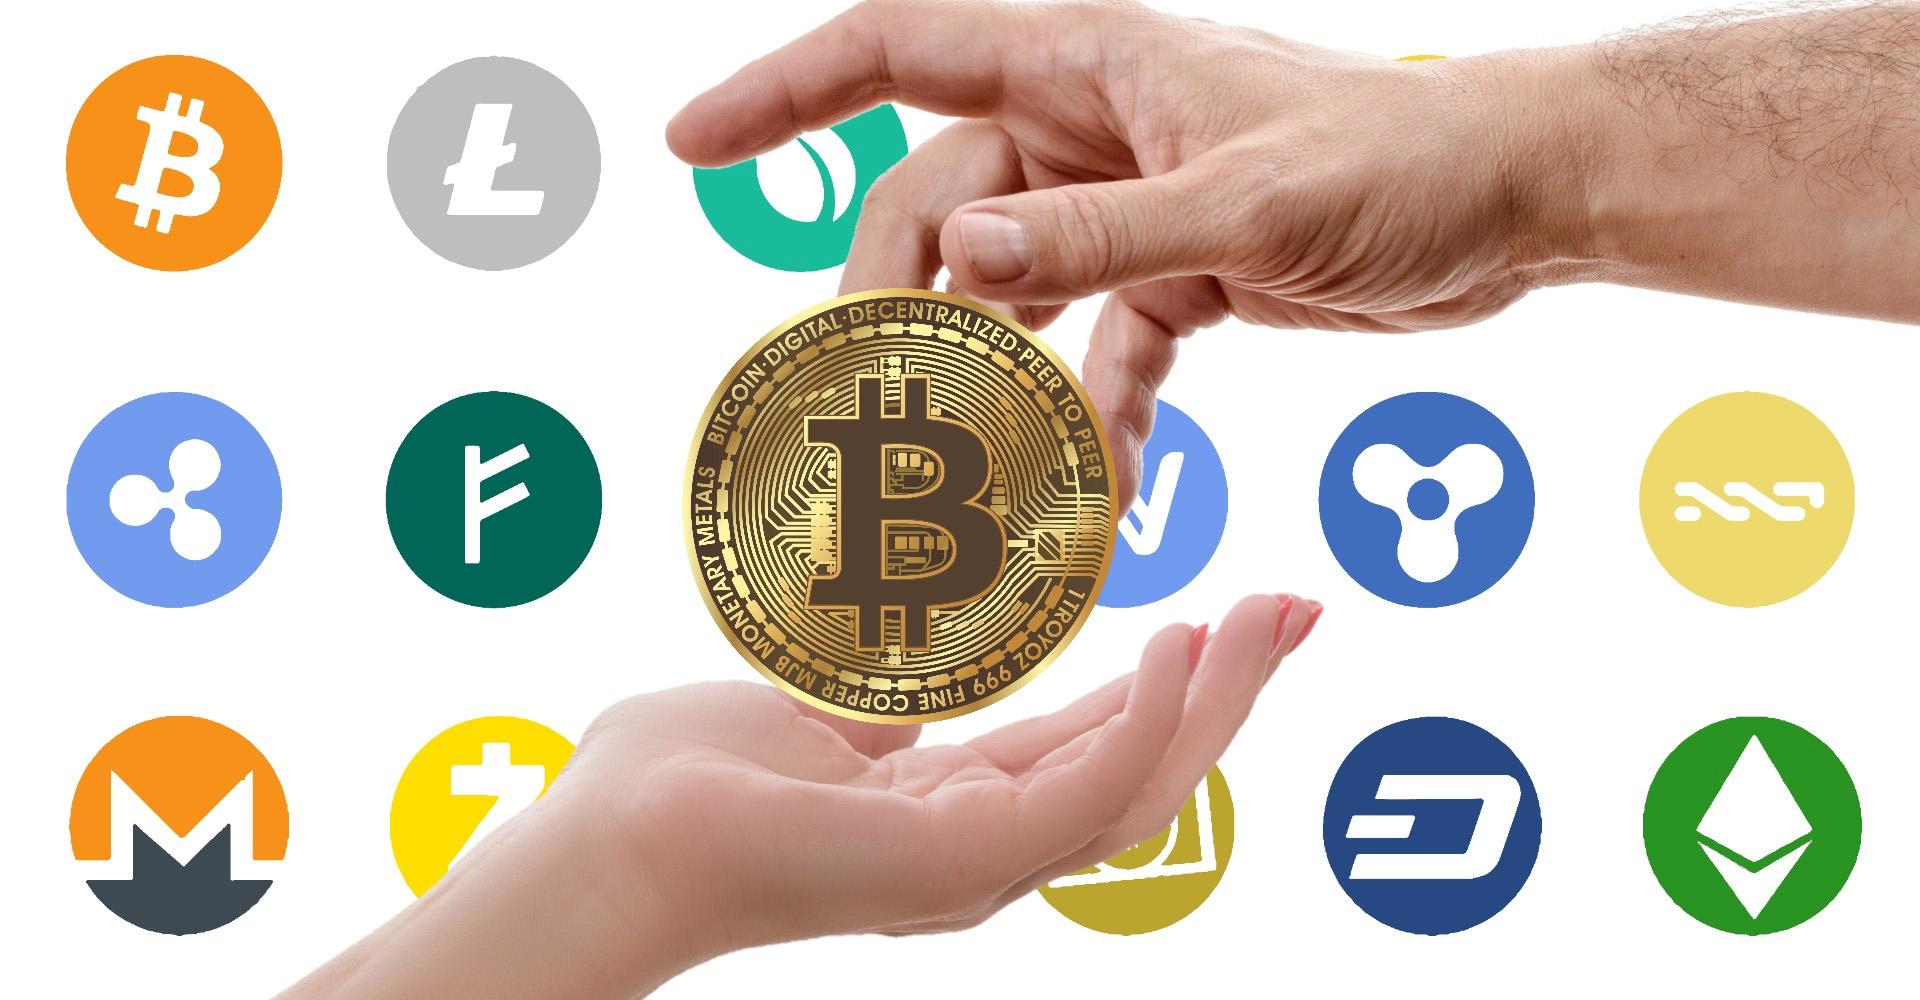 Quer começar no mercado das criptomoedas? Veja como investir e cuidados a tomar